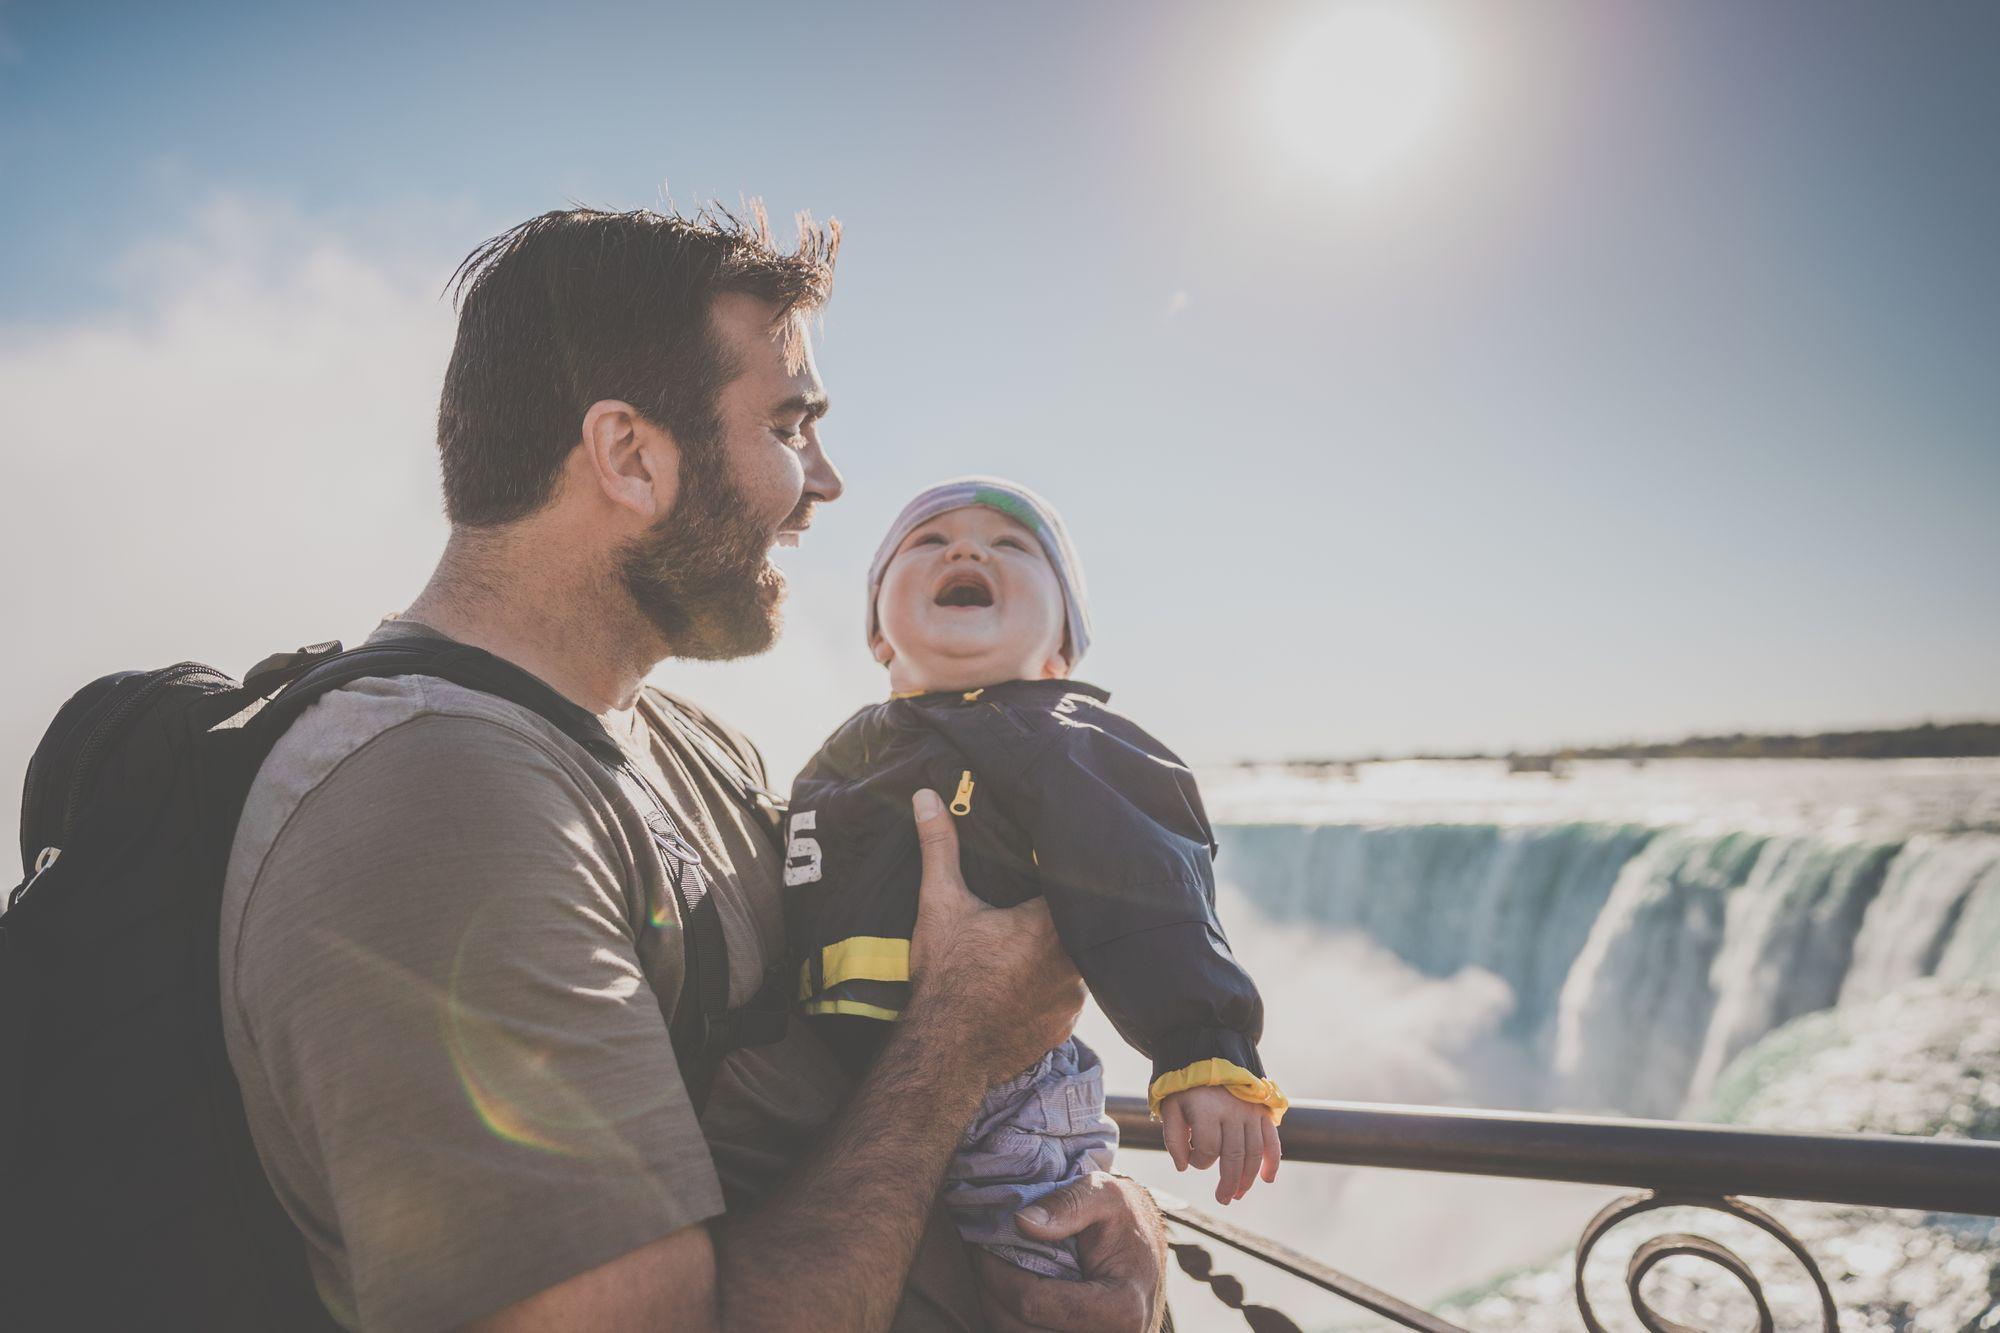 niño-padre-hijo-viaje-intercambiodecasas-familia-vacaciones